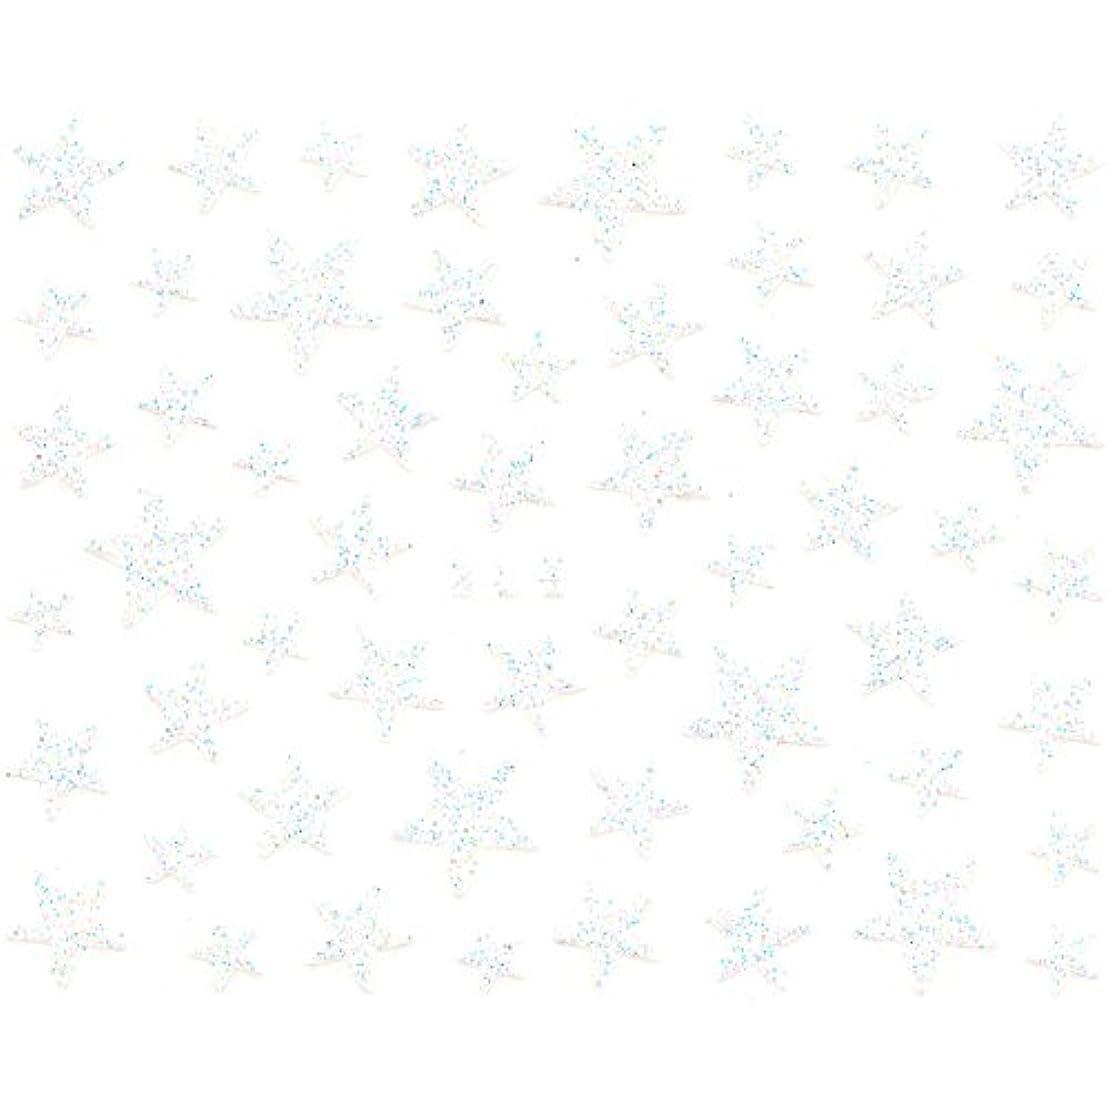 陰謀アンティーク予防接種するネイルシール ラメ スター 星 選べる10種類 (H-04/ホワイト)